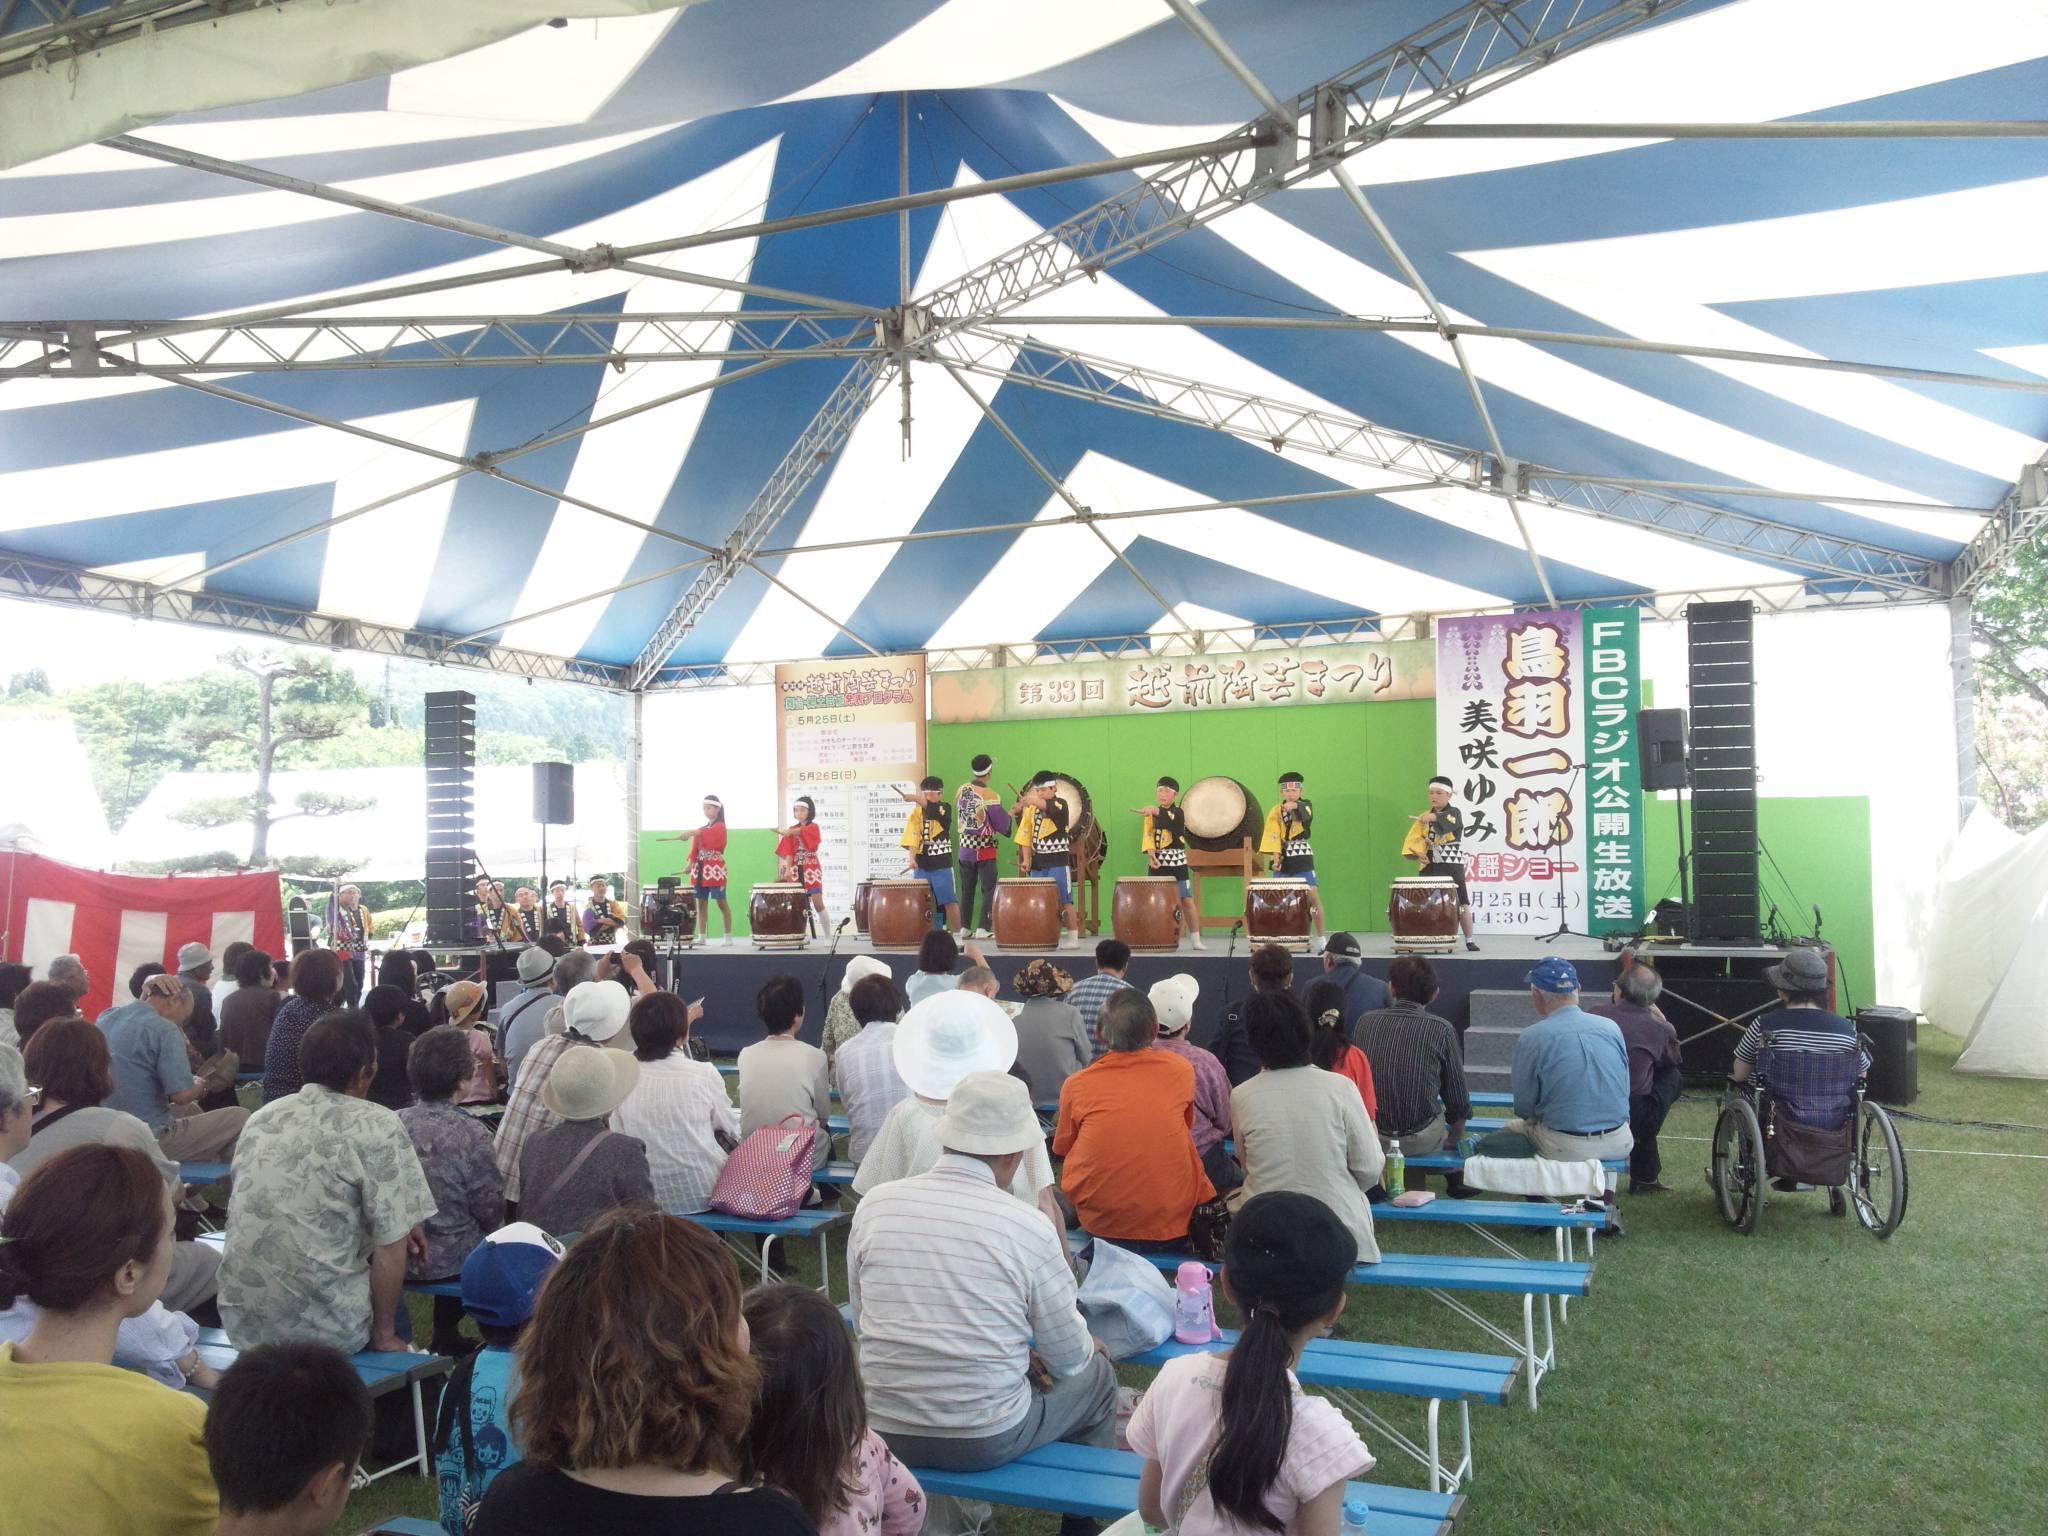 今、越前陶芸祭りに来ています。_e0119092_12423616.jpg